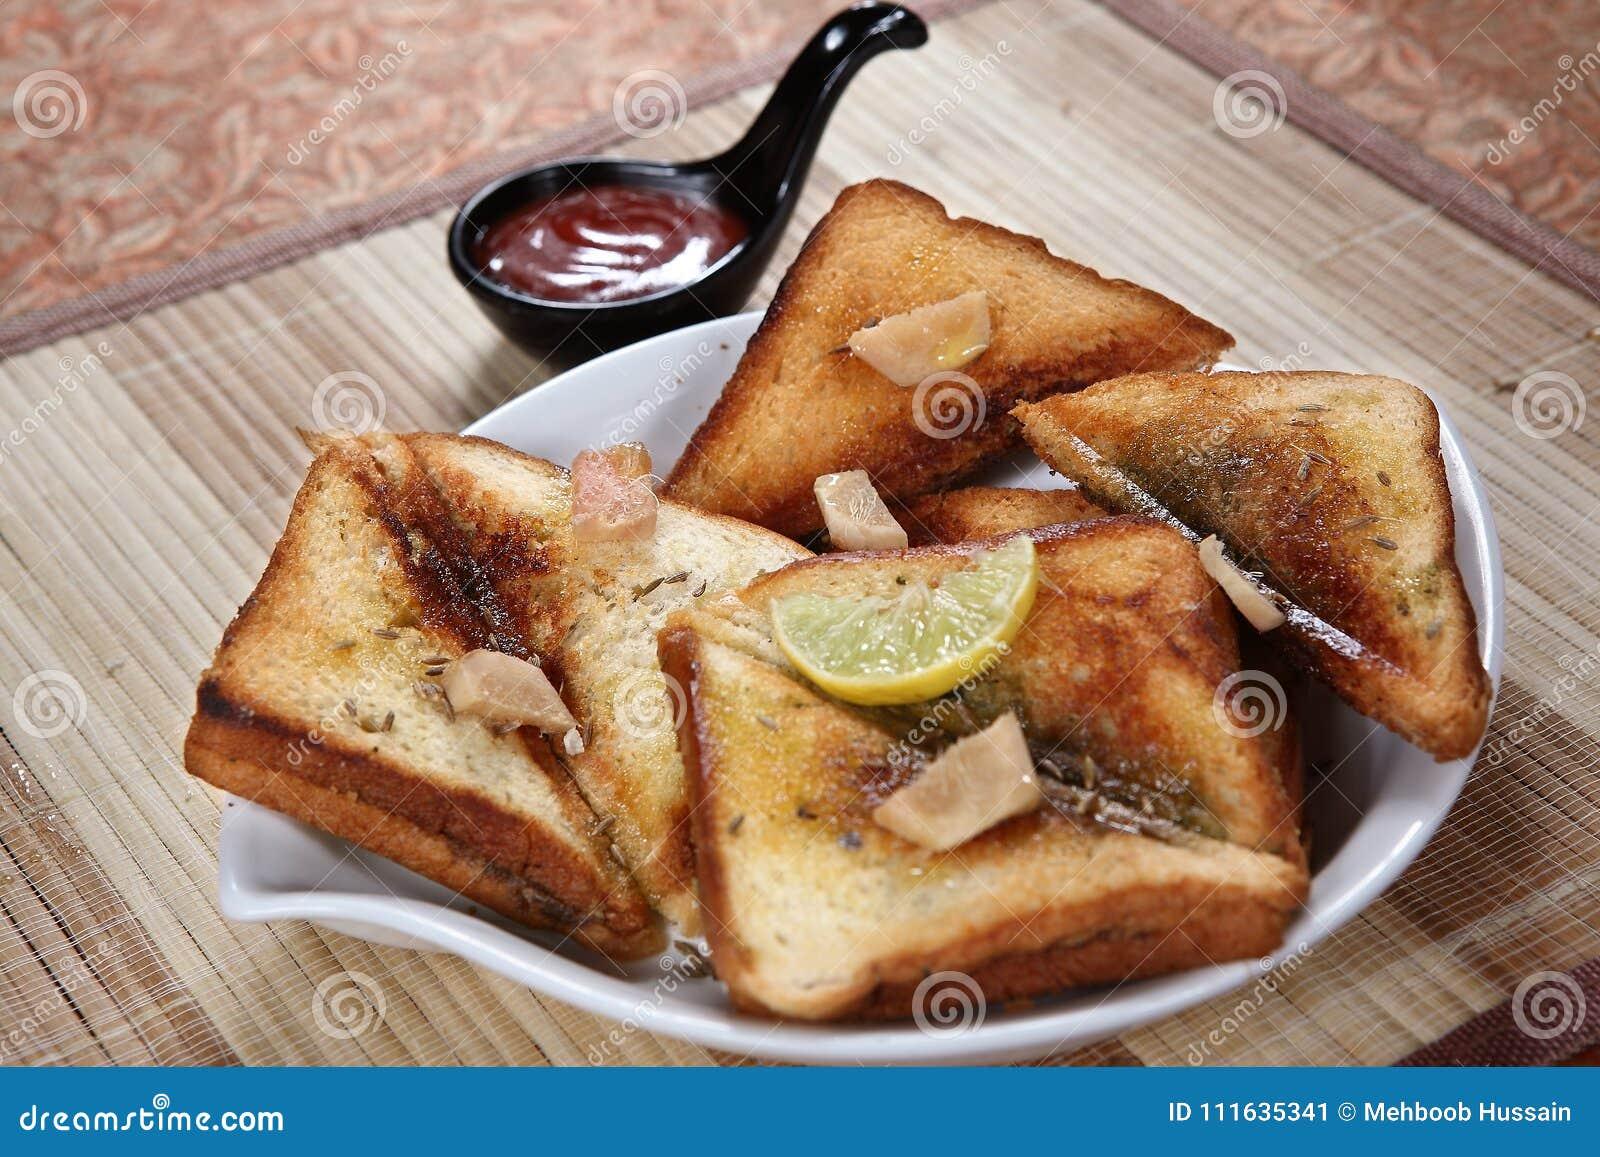 Pain grillé savoureux de ka d Ulund dal, pain grillé savoureux d Ulundu, pain grillé savoureux de gramme blanc